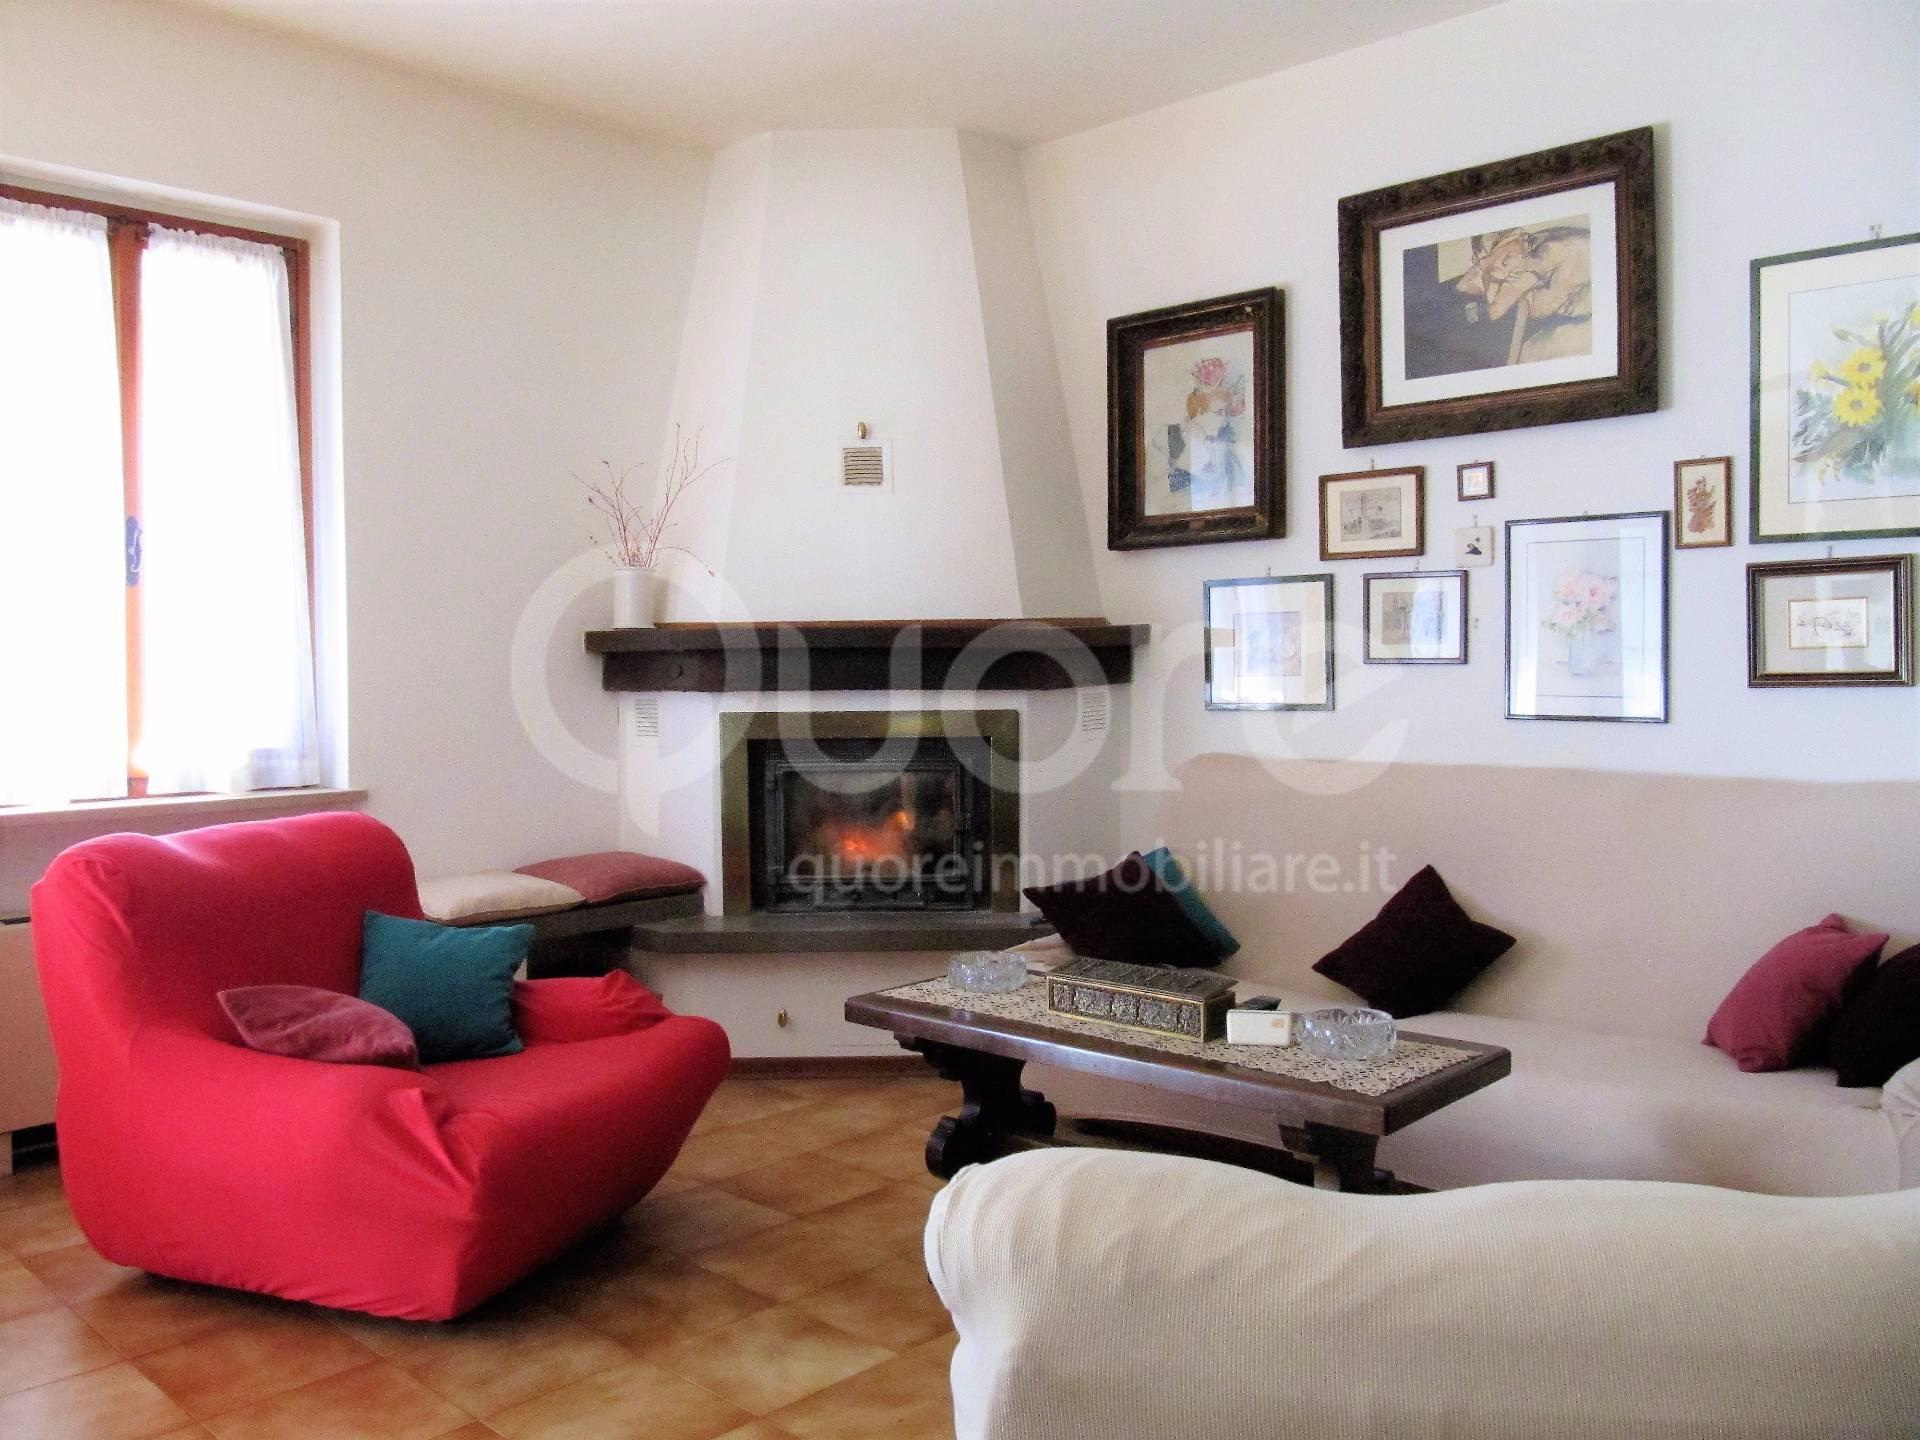 Villa in vendita a Faedis, 6 locali, zona Zona: Campeglio, prezzo € 230.000 | Cambio Casa.it